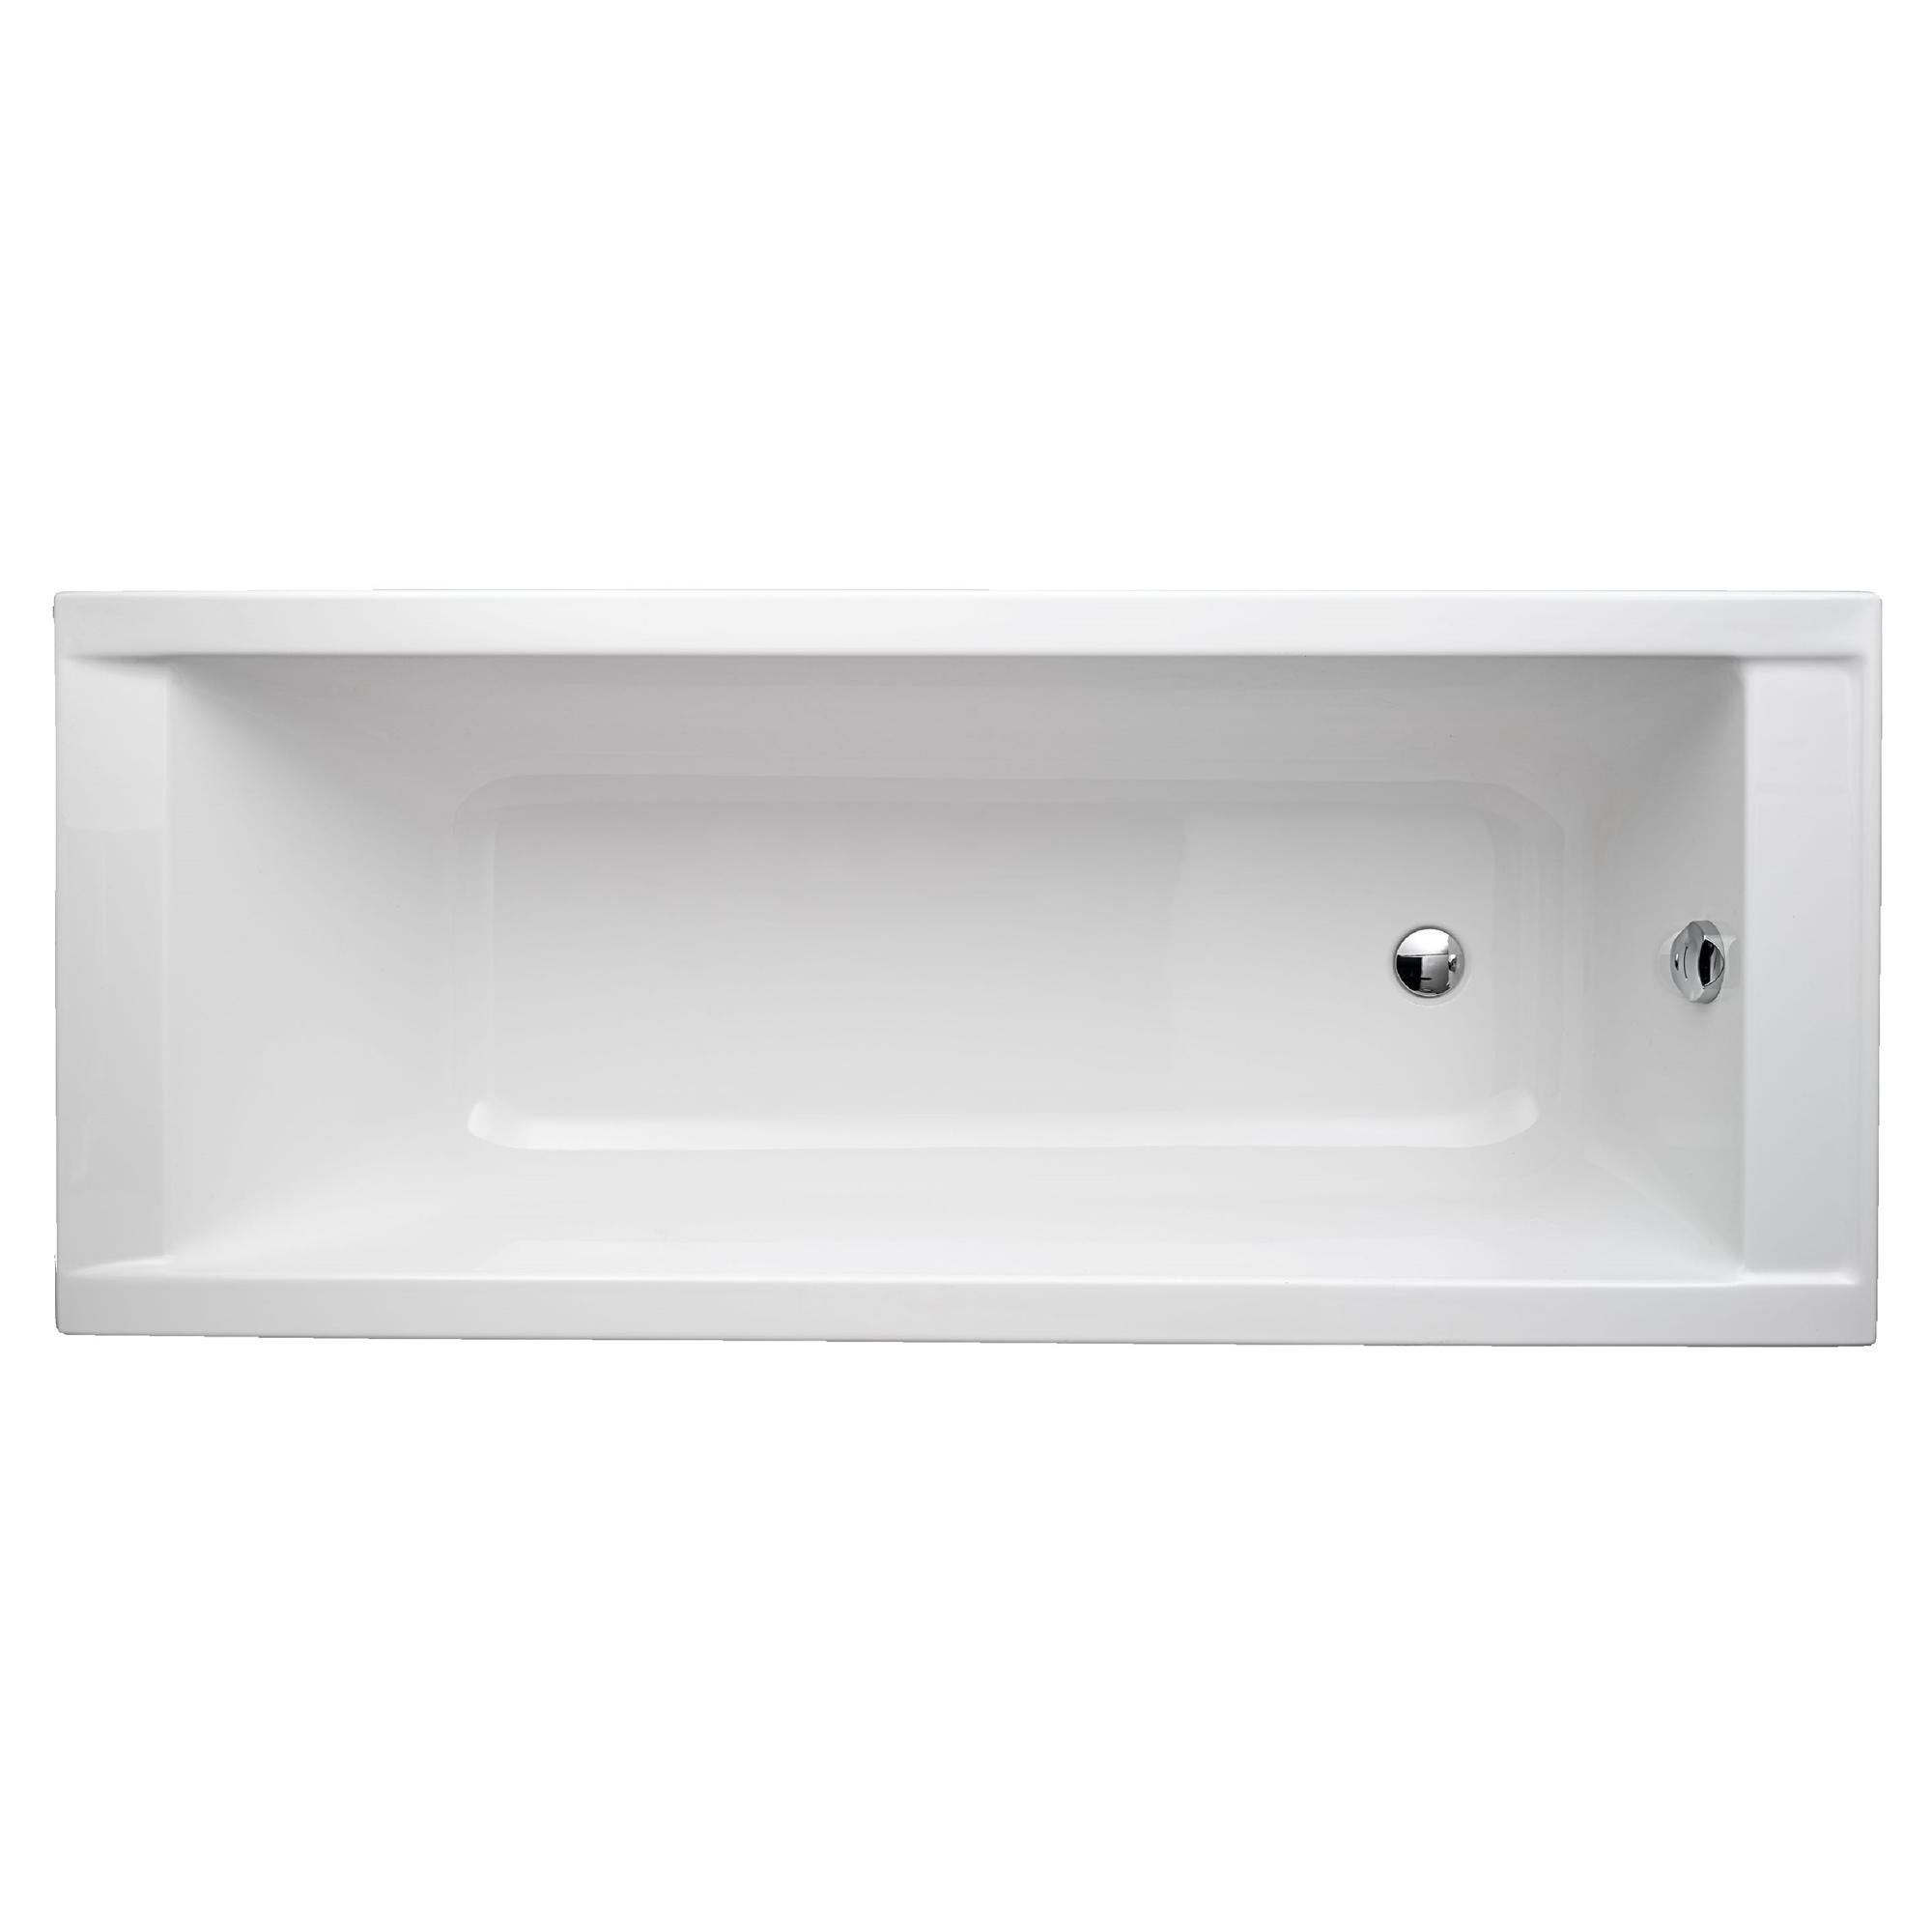 Badewanne mit duschzone kaldewei  Badewannen & Zubehör - toom Baumarkt